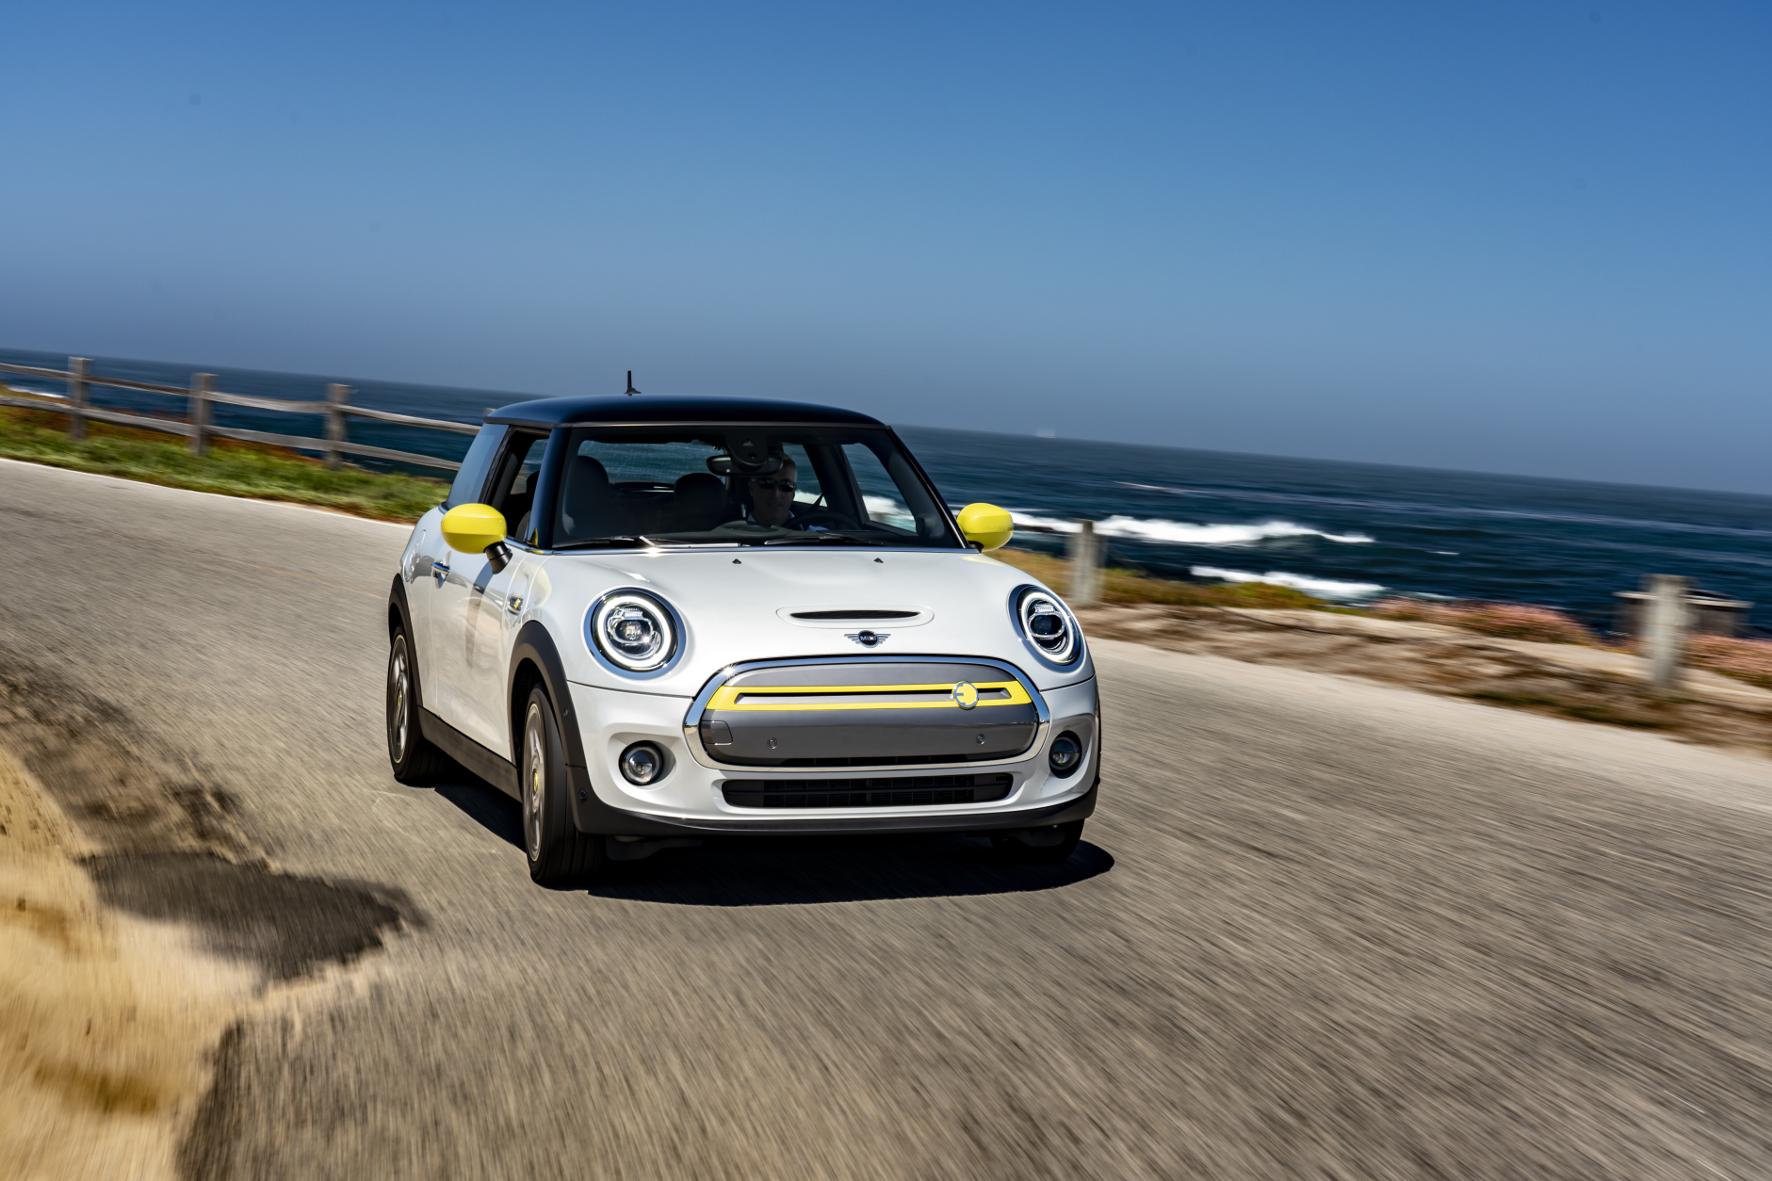 mid Groß-Gerau - Flott und elektrisch an der Pazifikküste: der neue Mini Cooper SE. Mini